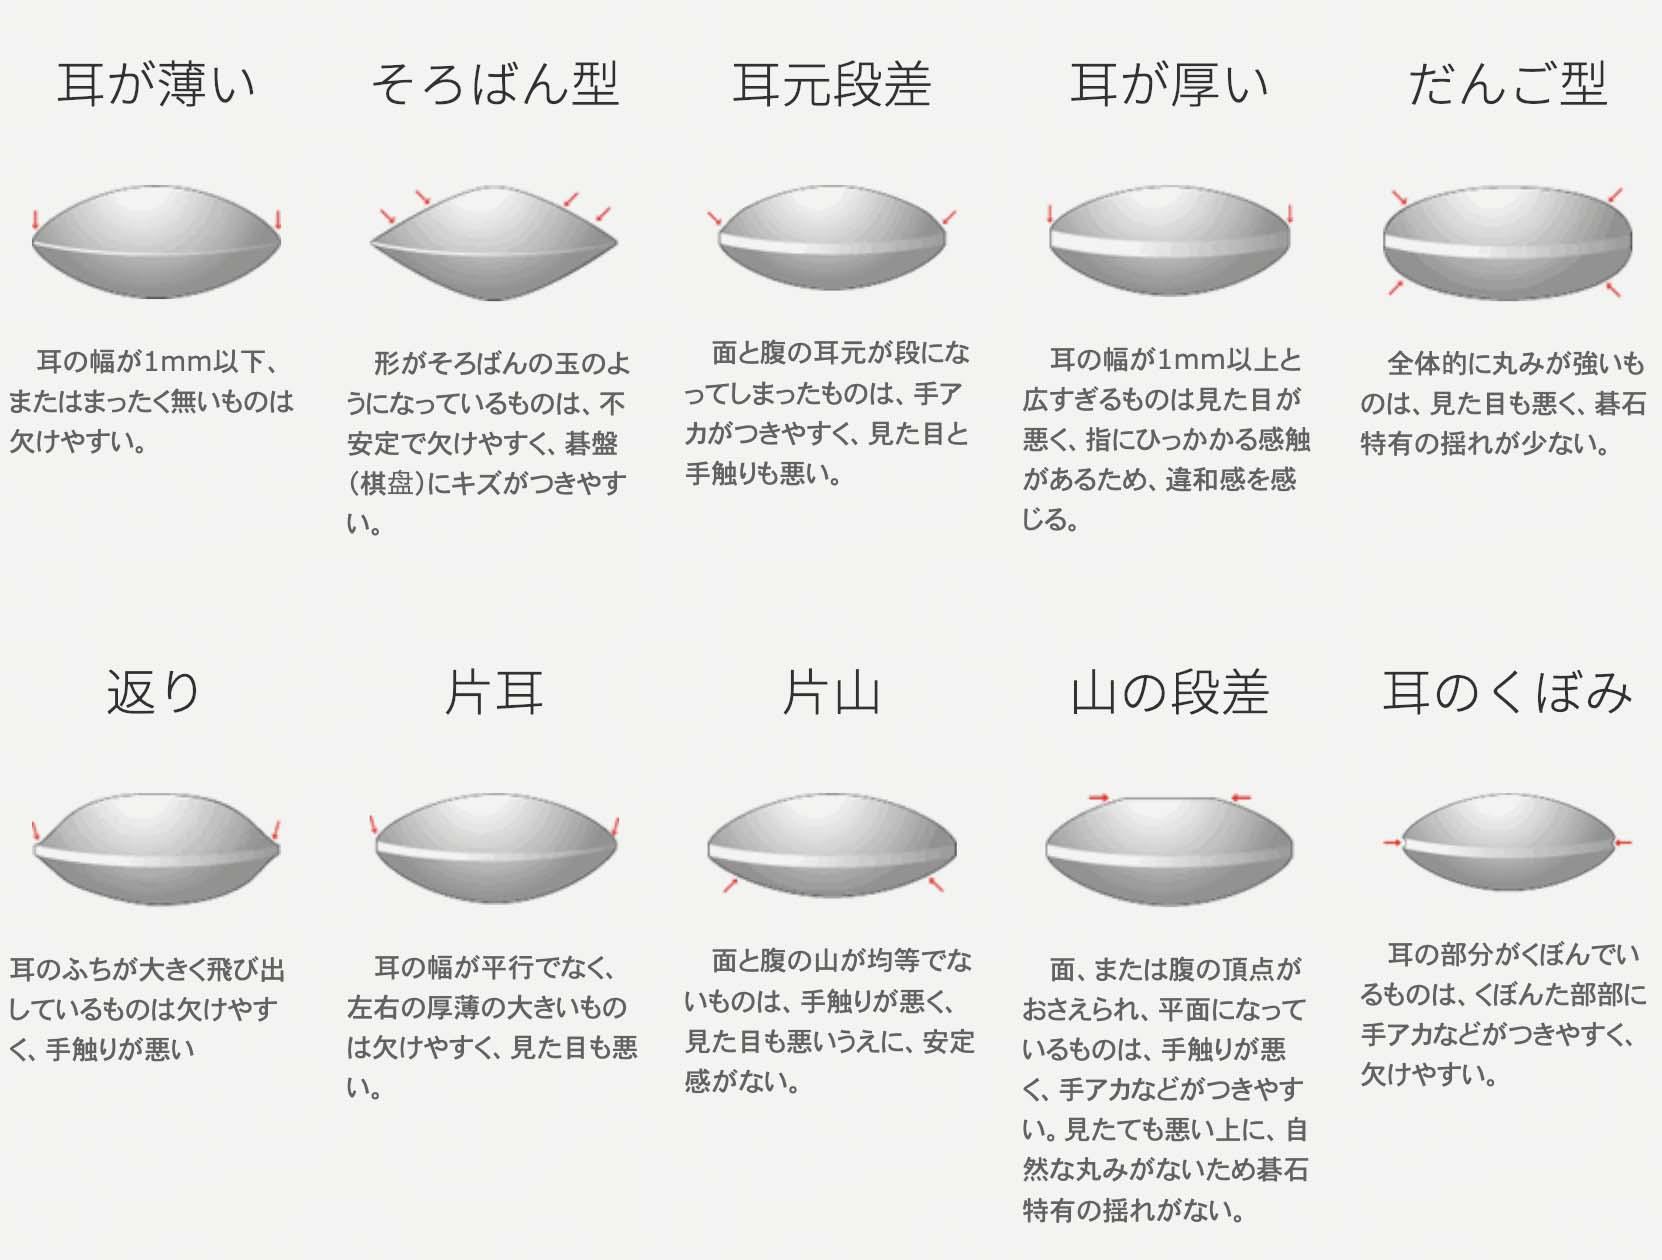 全ての碁石を厳密にチェックし、こうした状態のものは規格外品となる